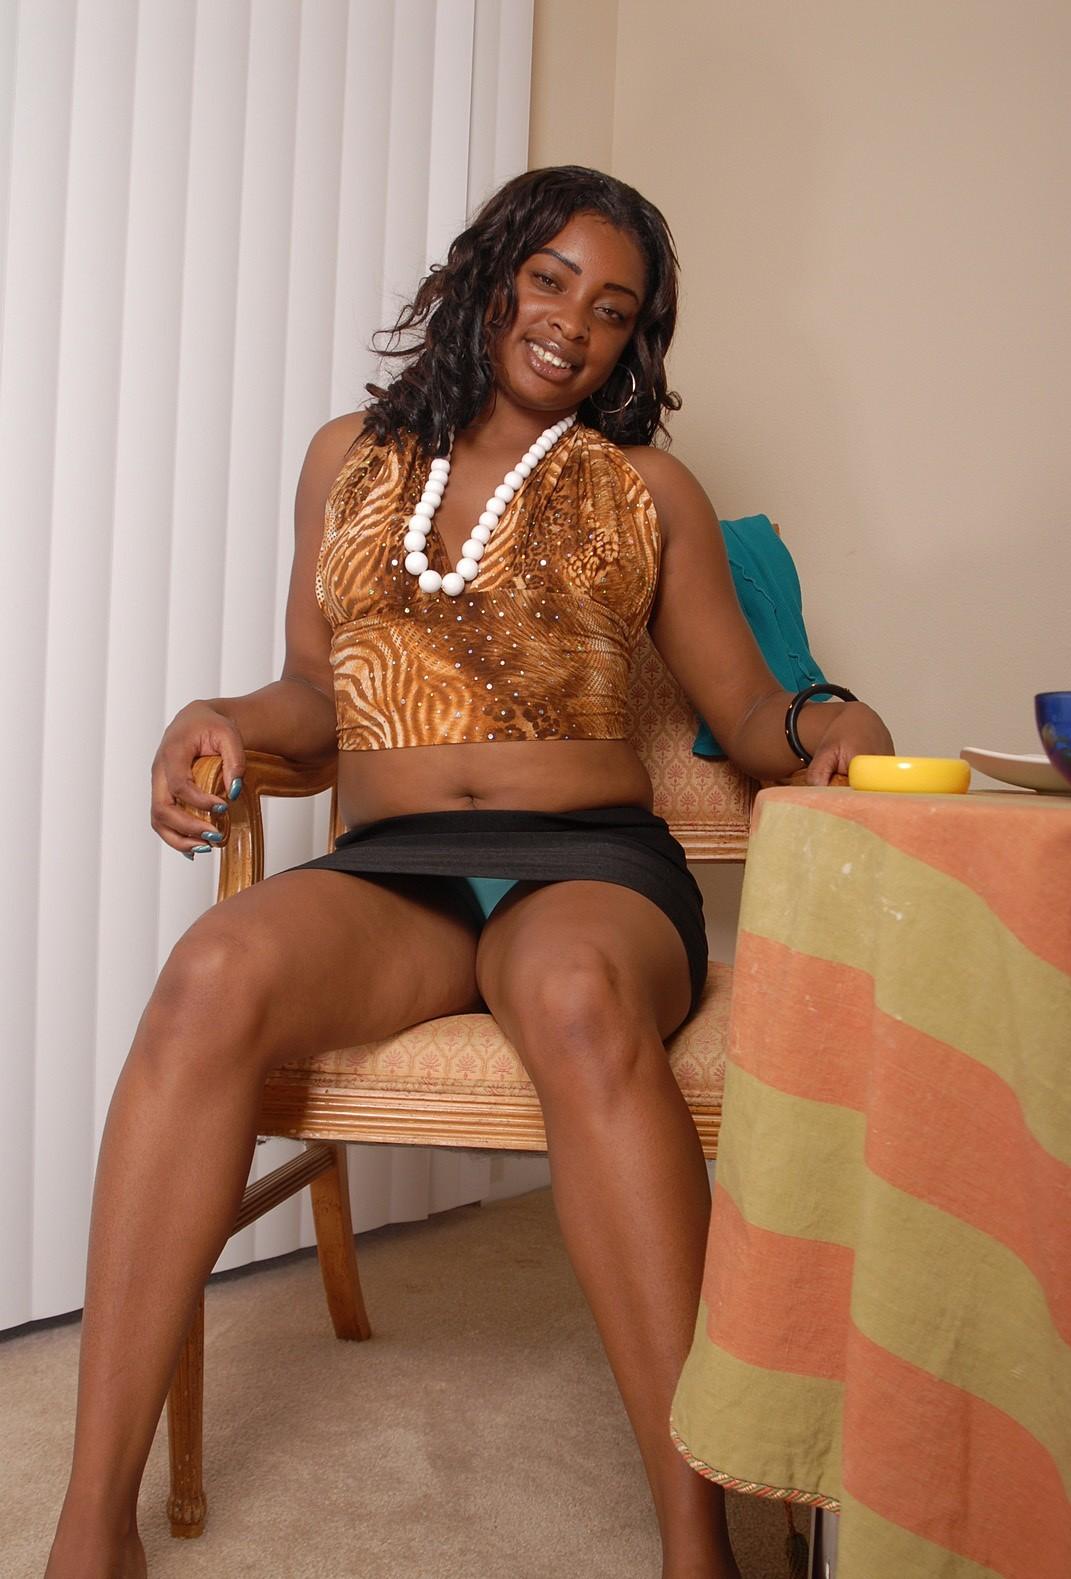 Милфа из Ганы показывает анус и гладит себя между ног